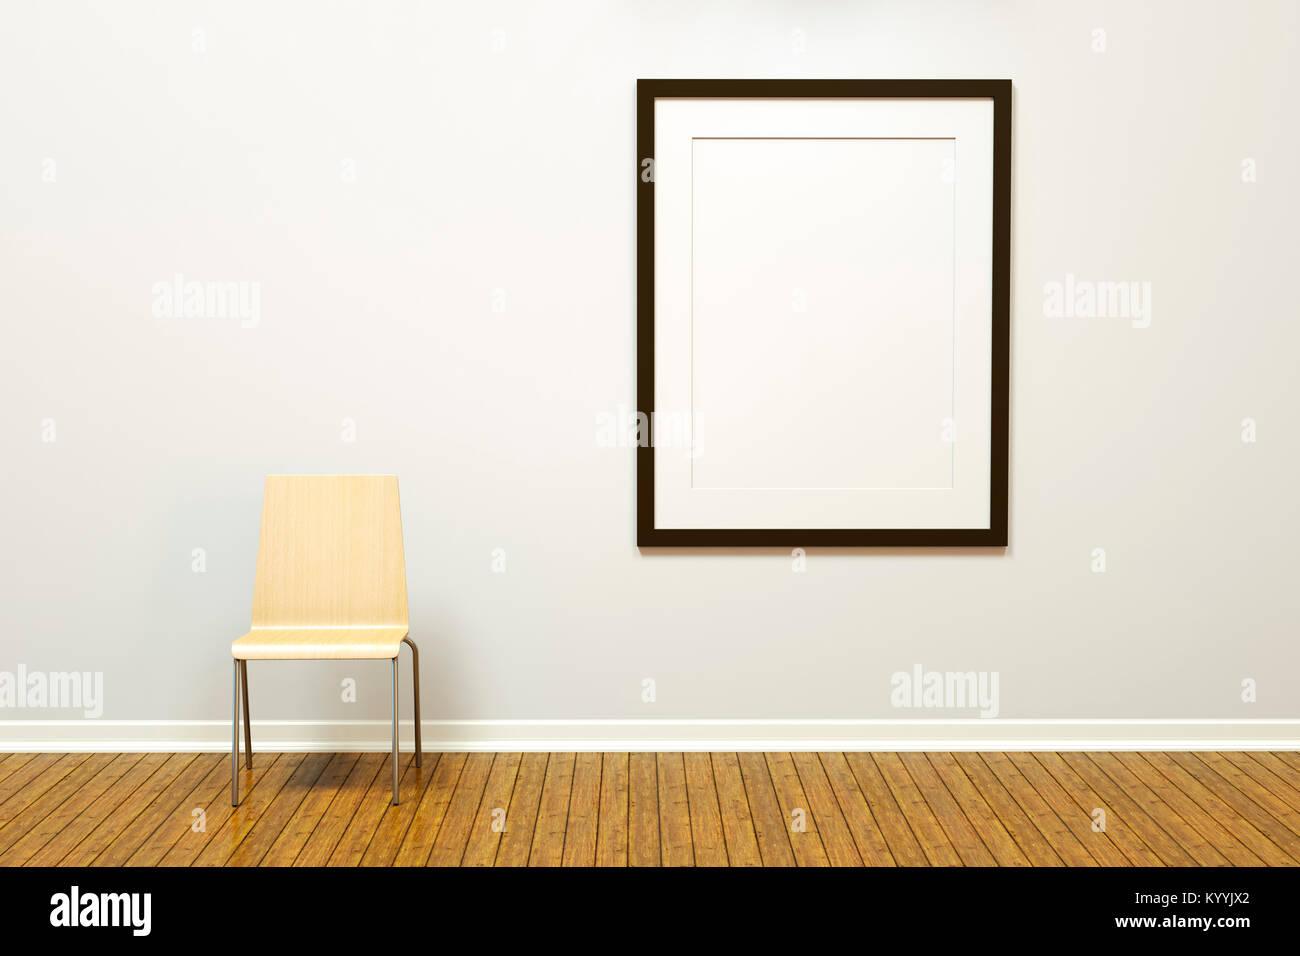 Marco de imagen vertical en blanco grande con mat en una pared en una habitación vacía o una galería Imagen De Stock